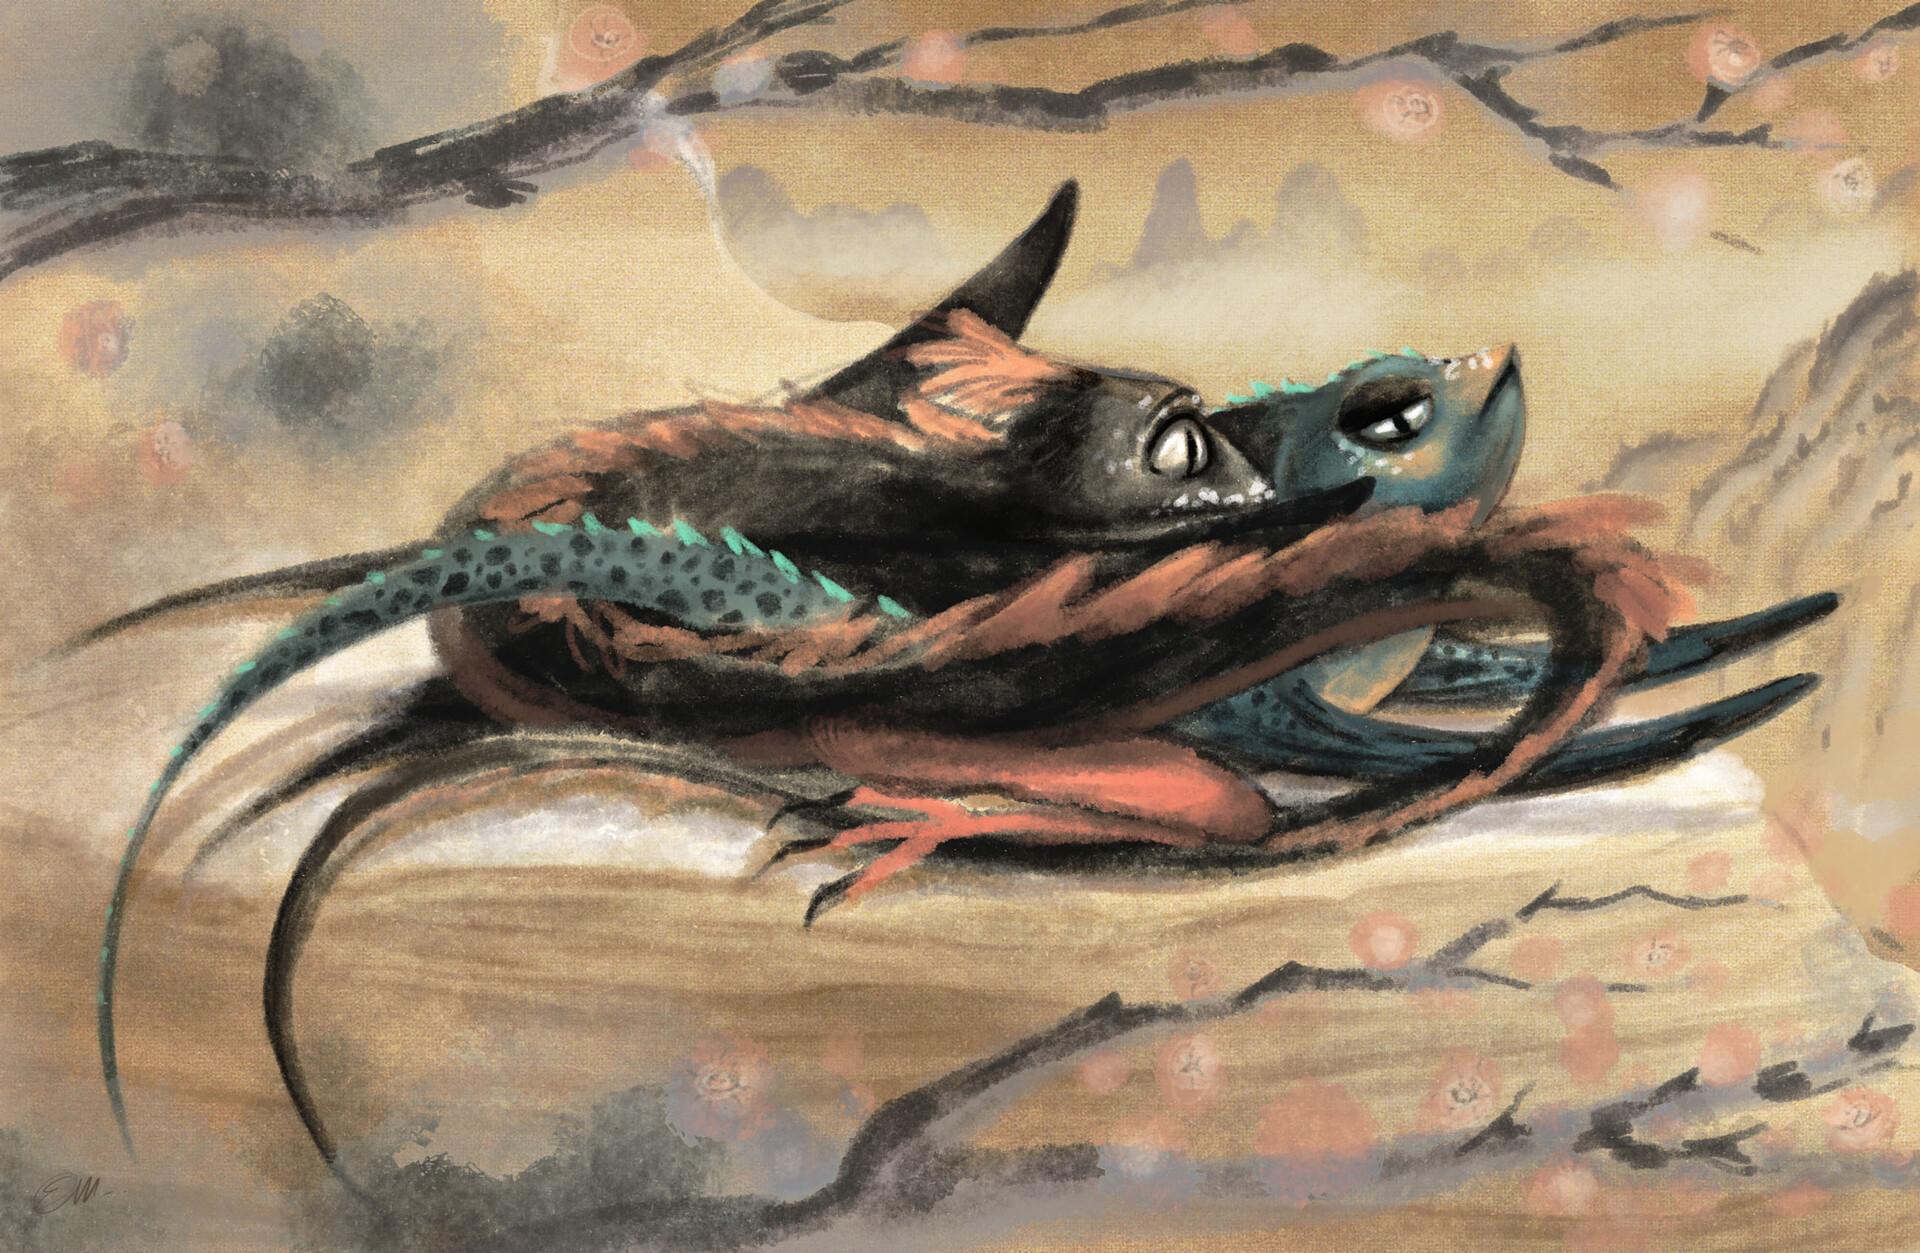 Elisa moriconi dragon 03